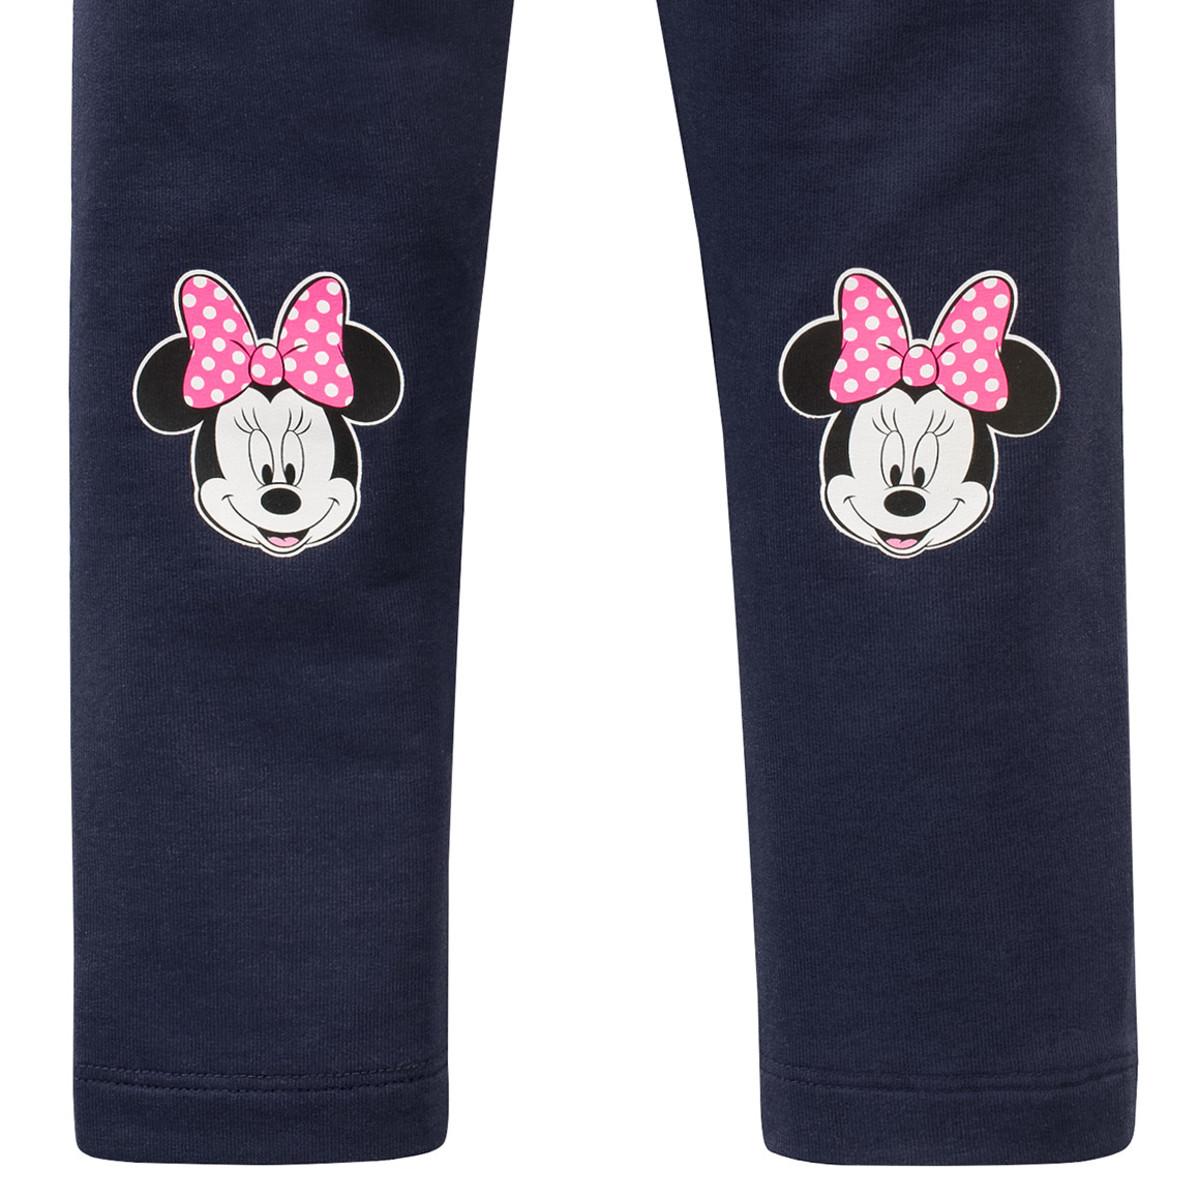 Bild 2 von Minnie Maus Leggings mit Elastikbund